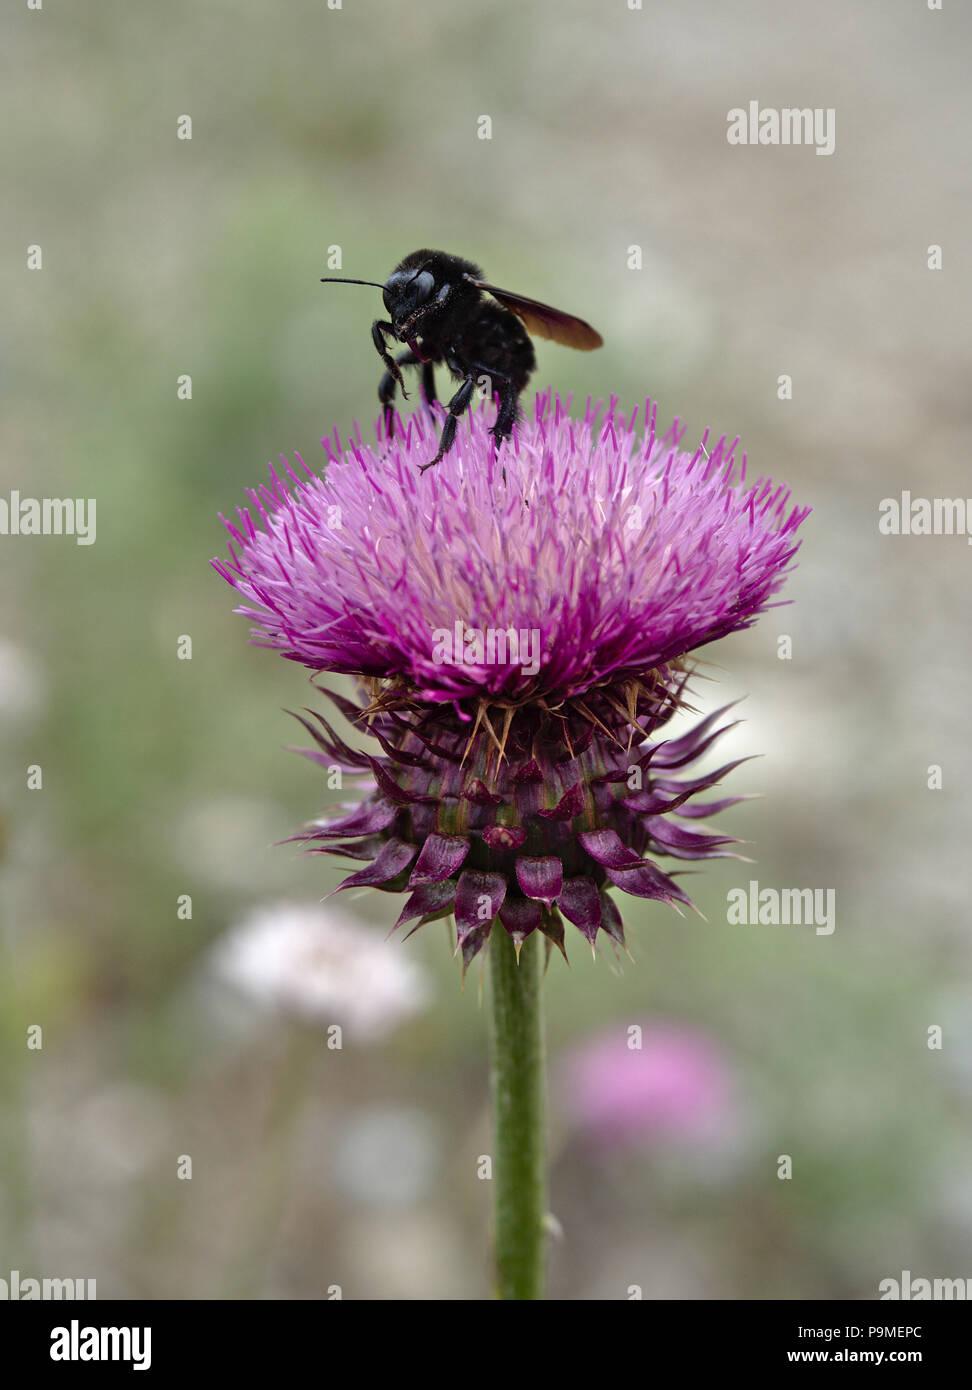 Un nero bumblebee estrae il nettare da un fiore di cardo in Villa de Merlo, San Luis, Argentina. Immagini Stock